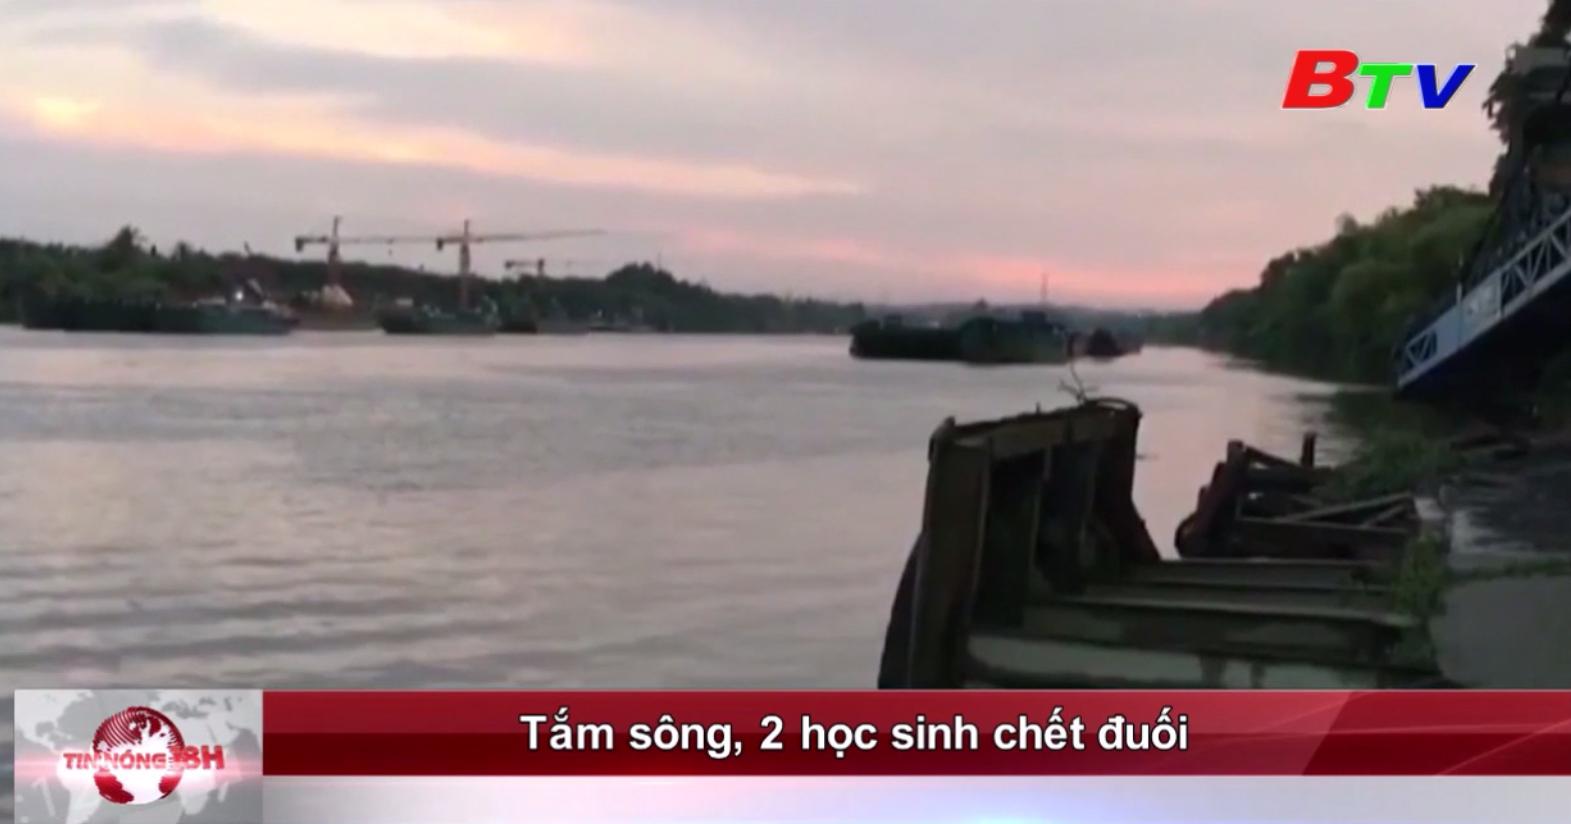 Tắm sông, 2 học sinh chết đuối